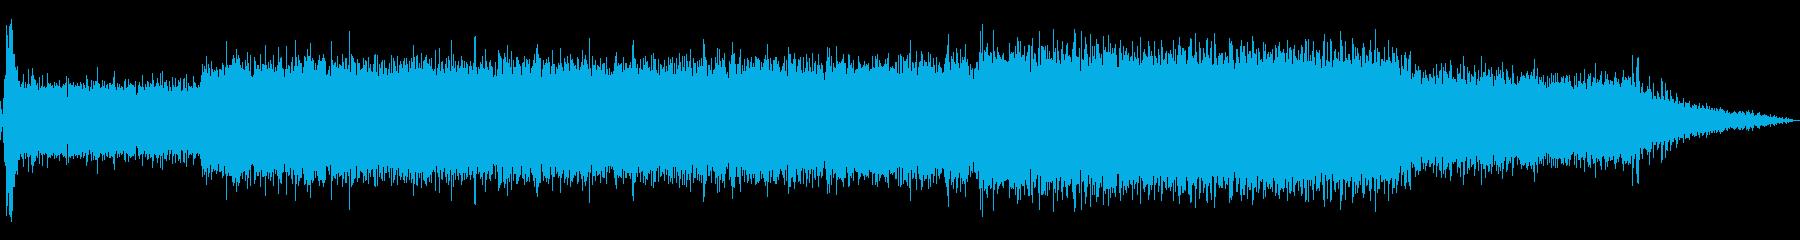 旋盤、モダン、スタート、ラン、スト...の再生済みの波形